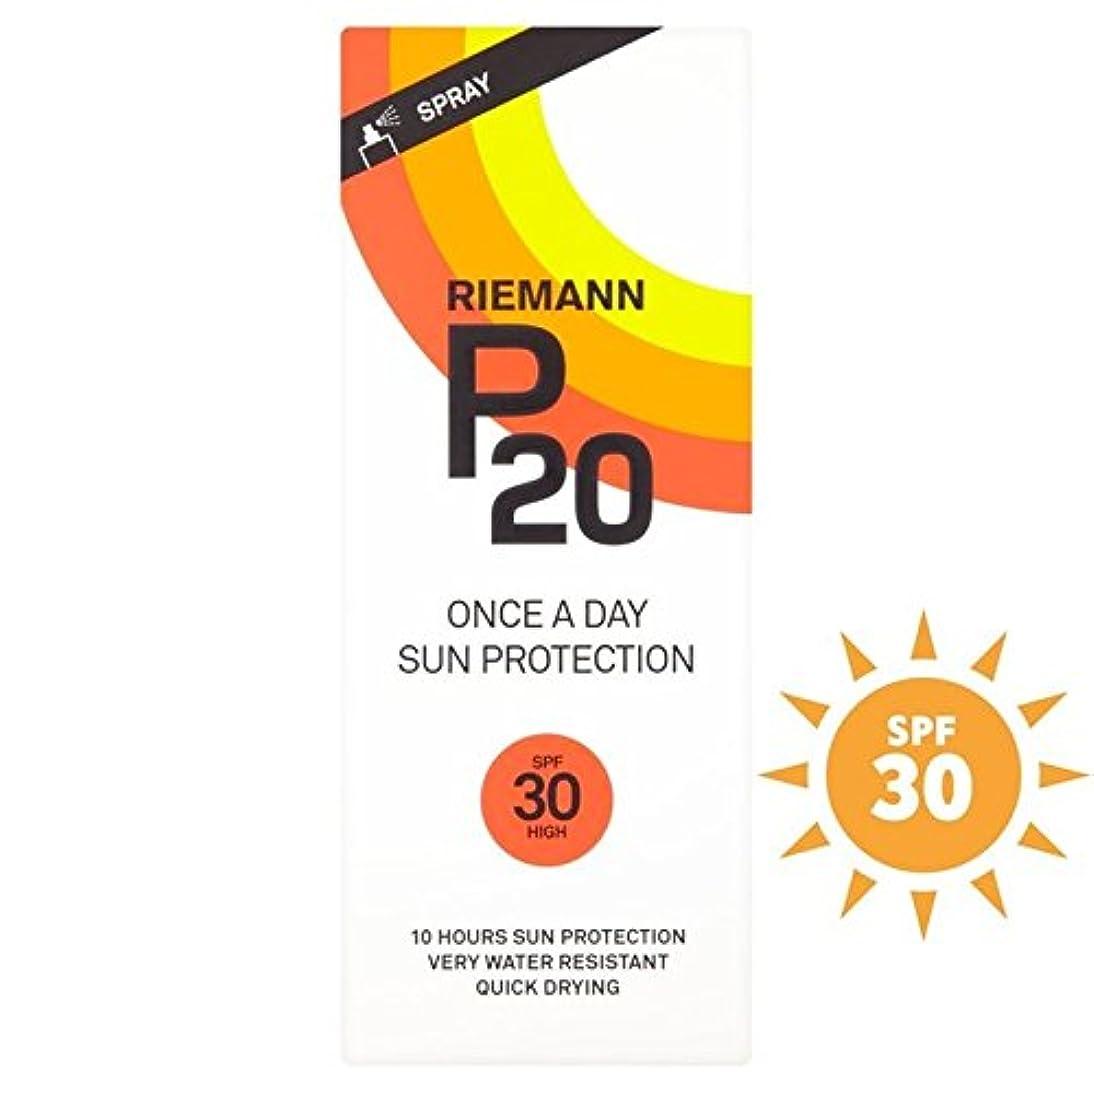 タウポ湖約マーチャンダイザーリーマン20 30 1日/ 10時間の保護200ミリリットル x4 - Riemann P20 SPF30 1 Day/10 Hour Protection 200ml (Pack of 4) [並行輸入品]